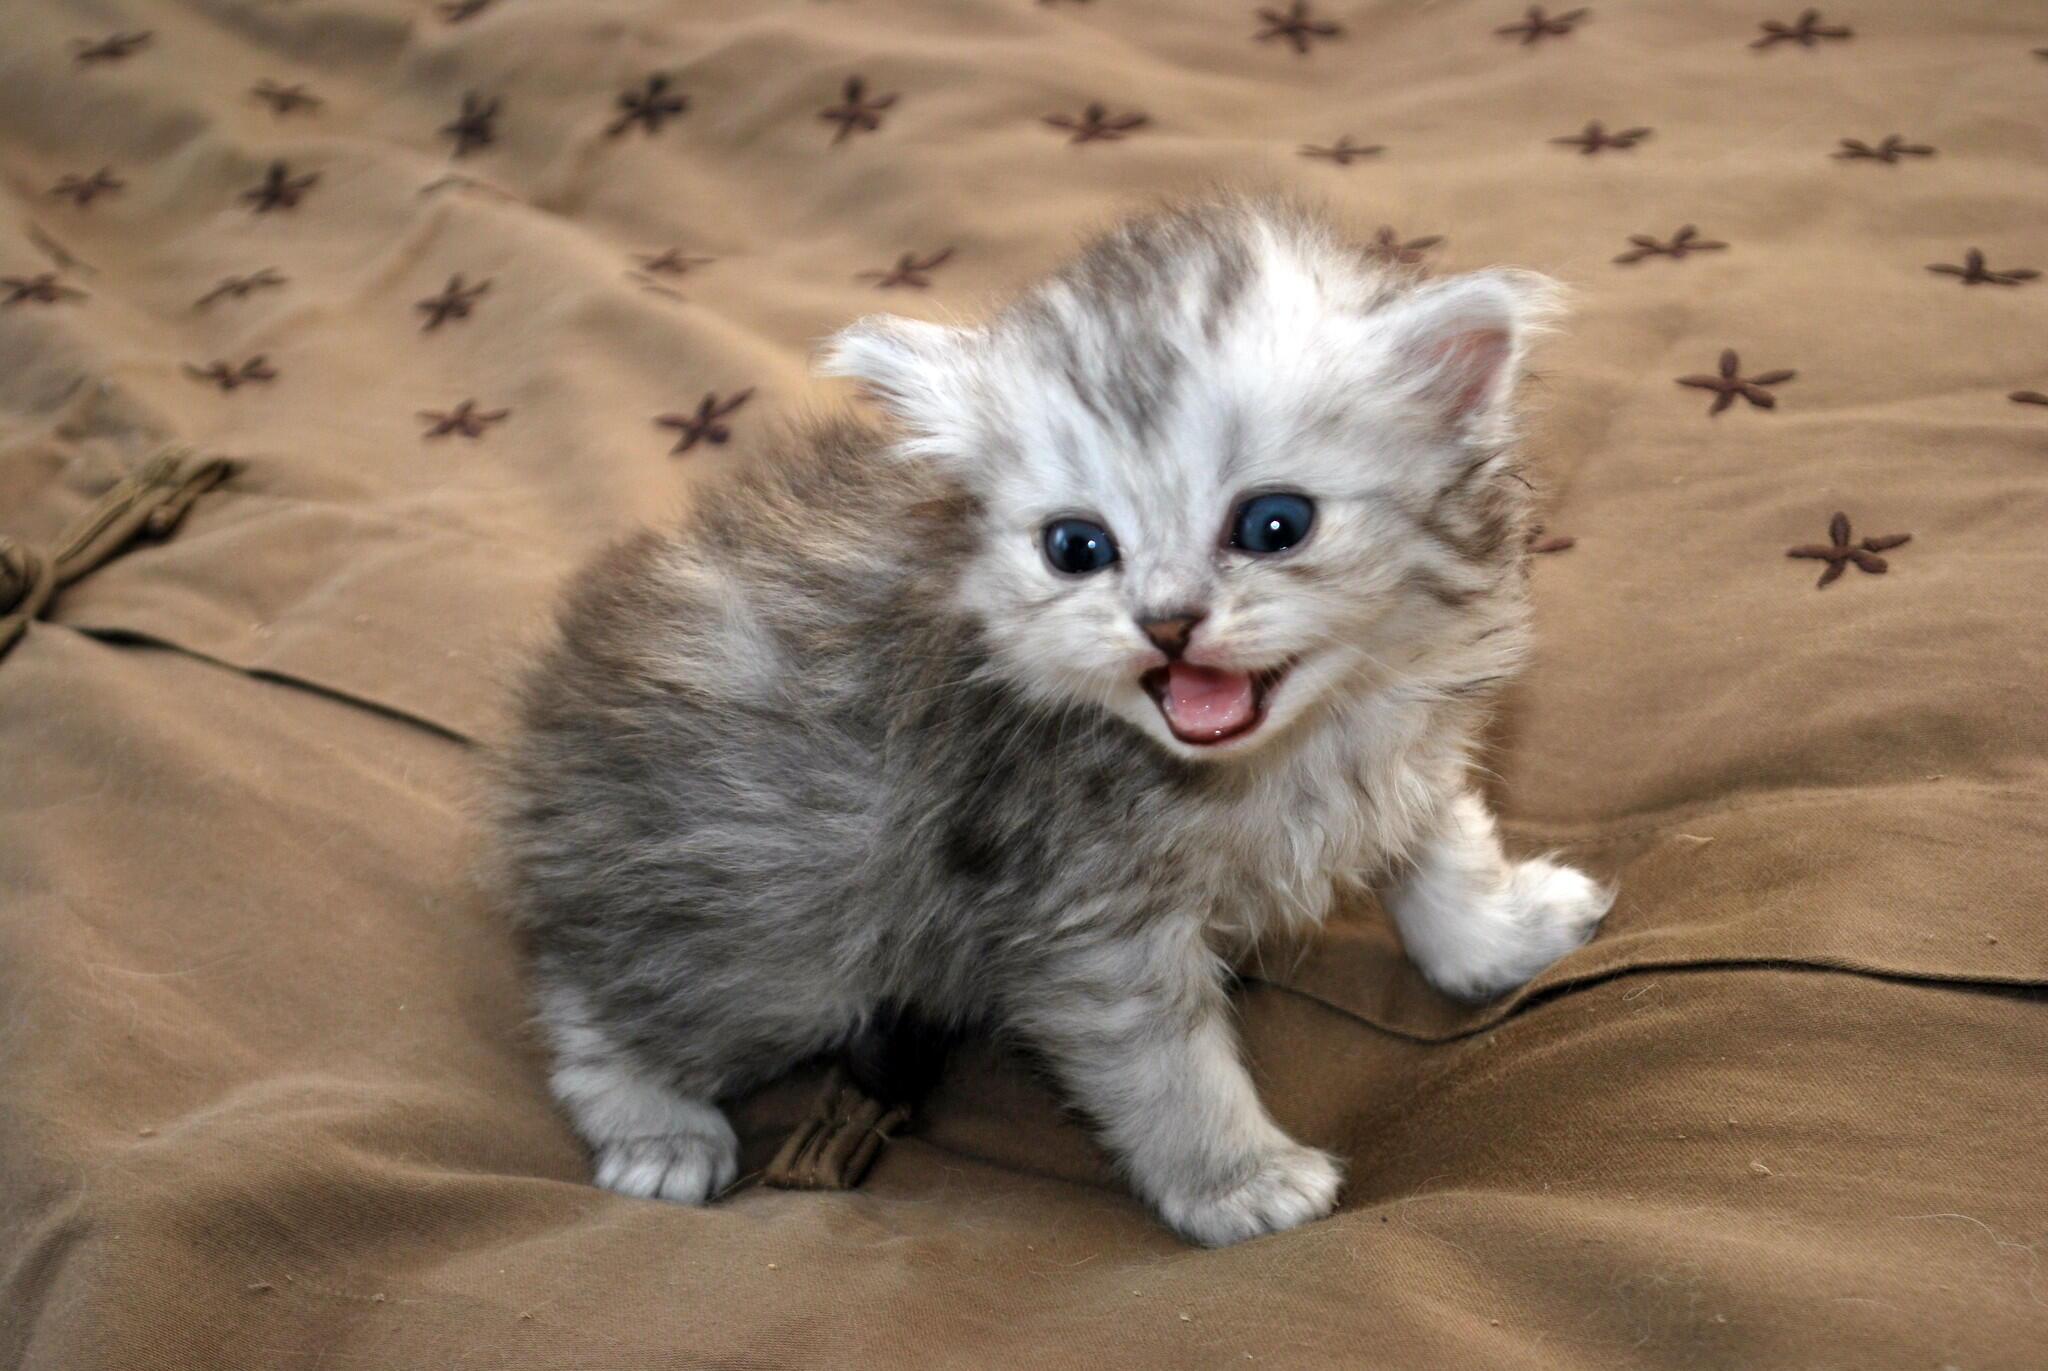 Quizás los felinos no estén conscientes de que se trata de su nombre, pero reaccionan cuando escuchan un sonido habitual.